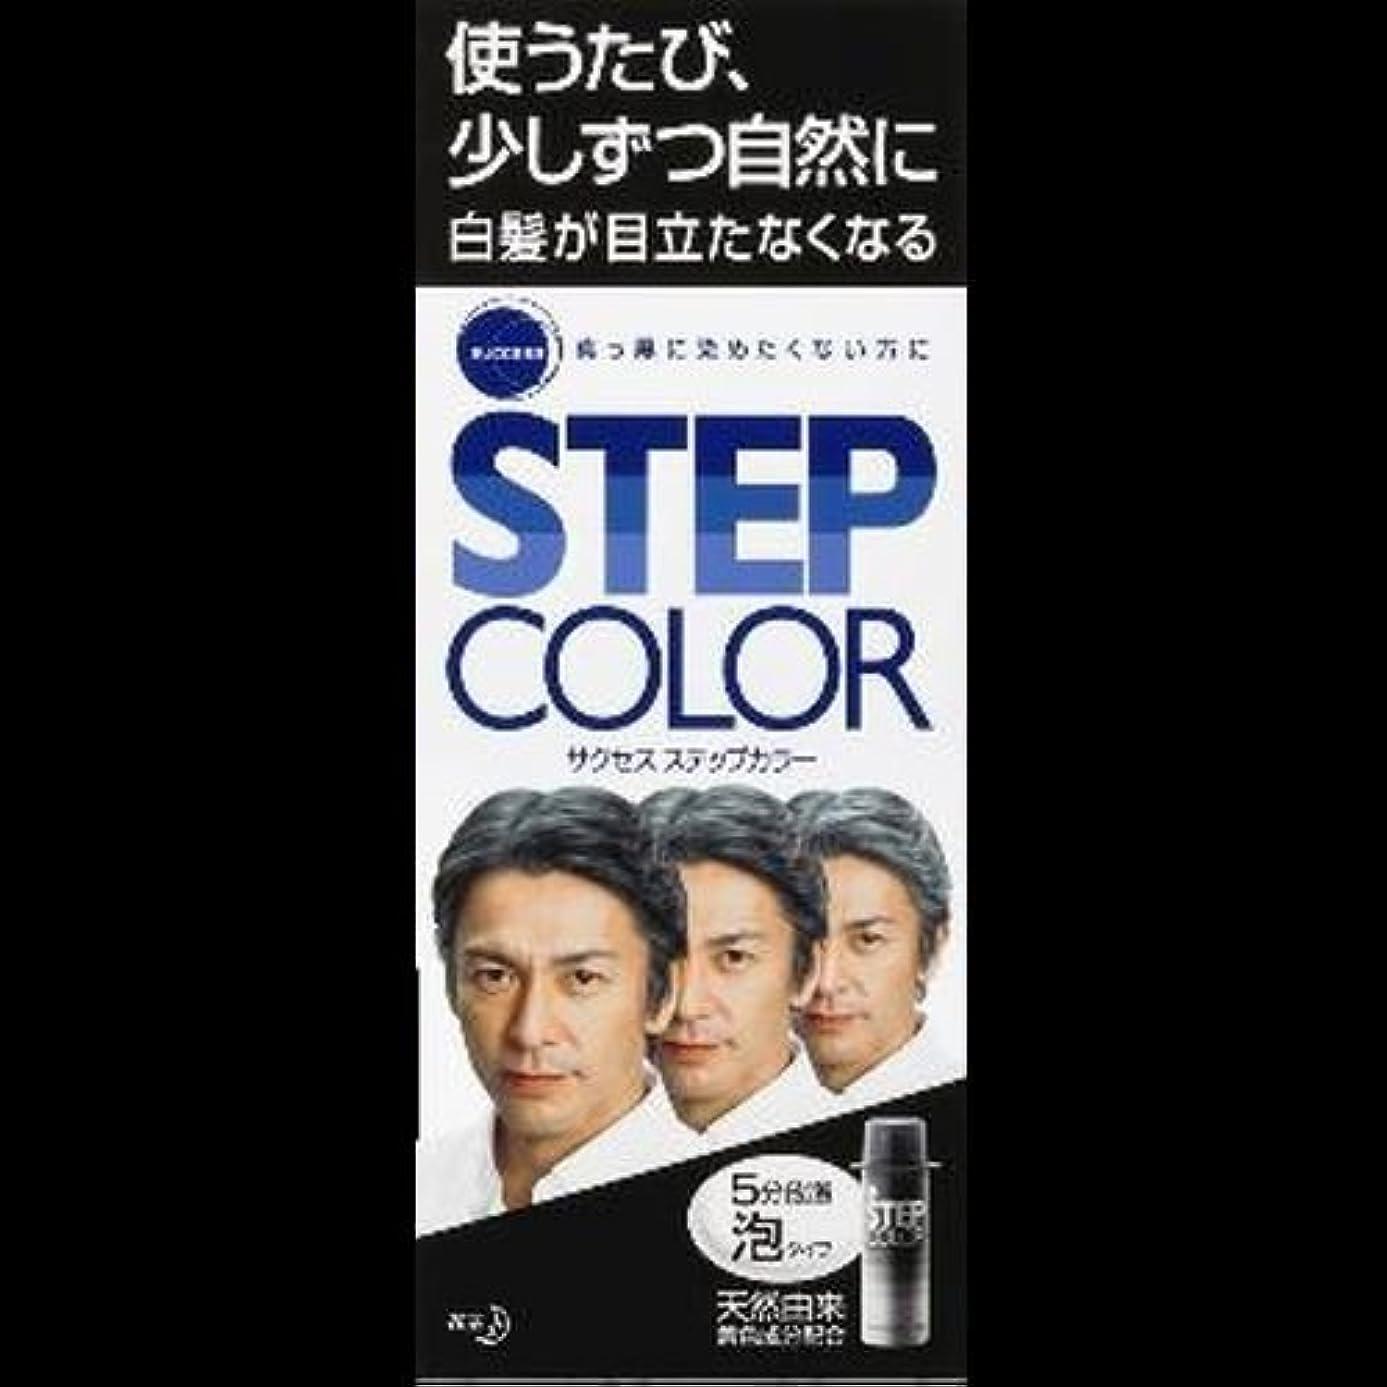 【まとめ買い】サクセス ステップカラー 110g ×2セット